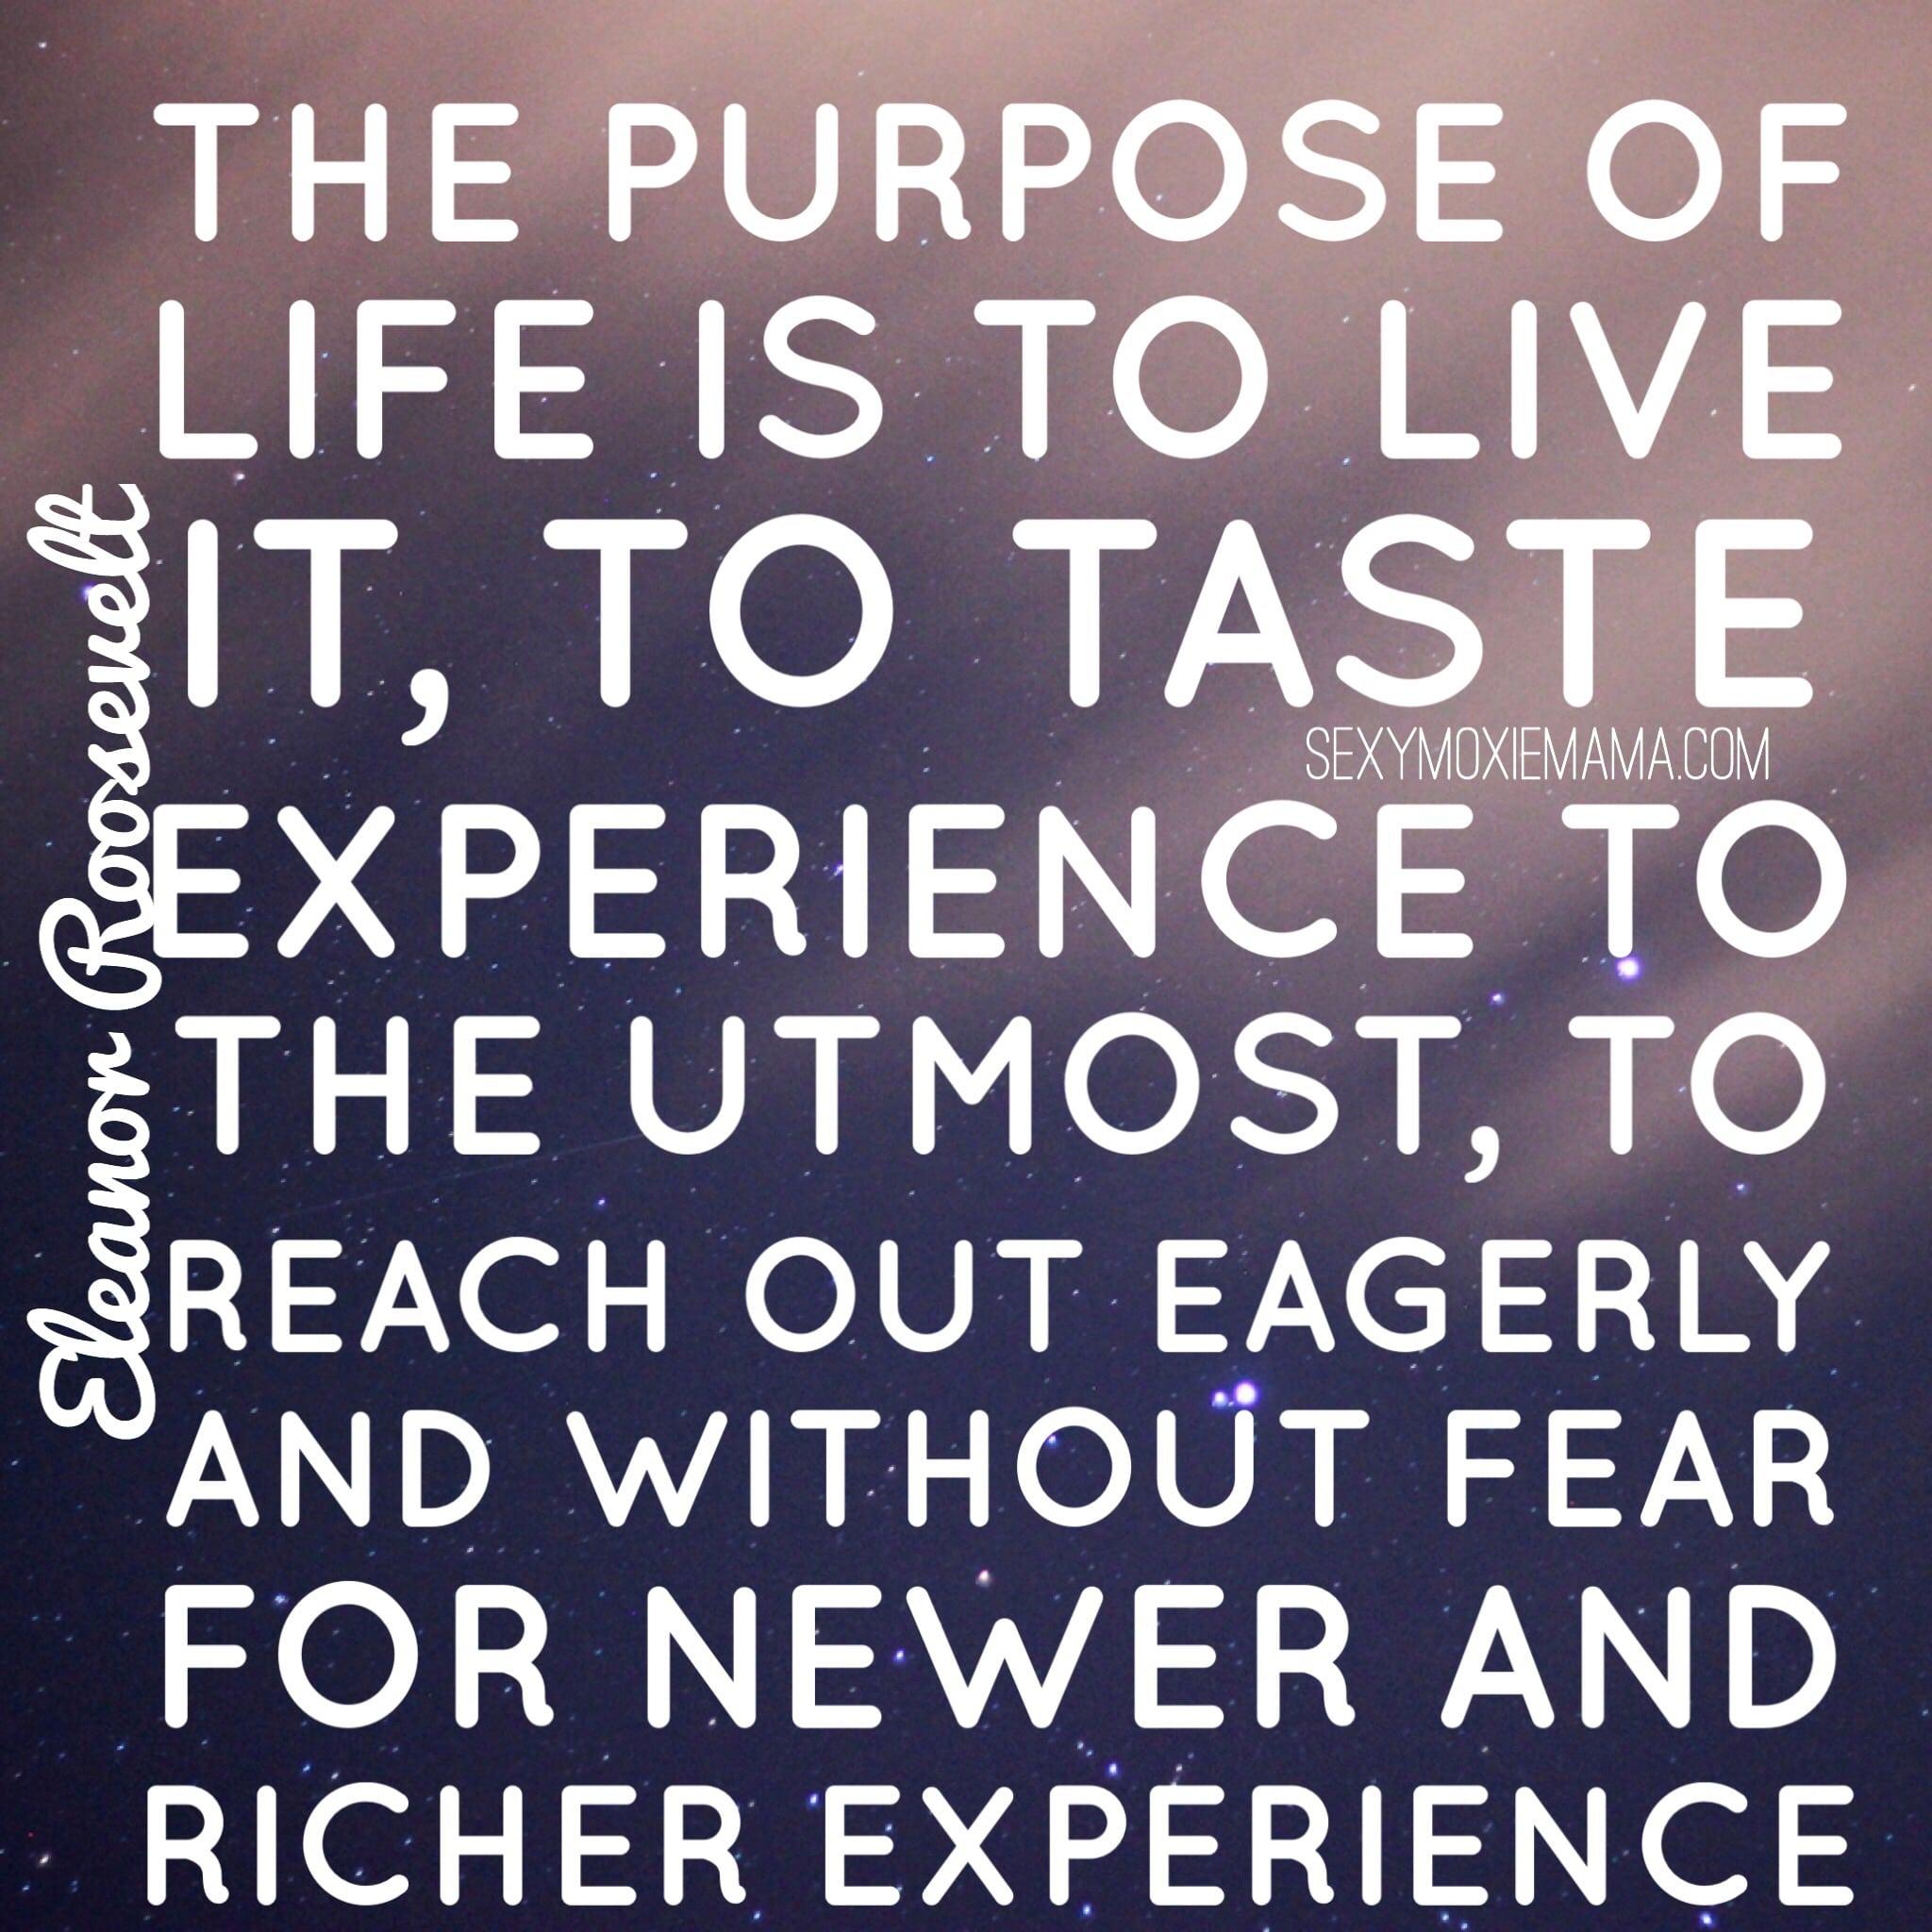 Eleanor Roosevelt quote life